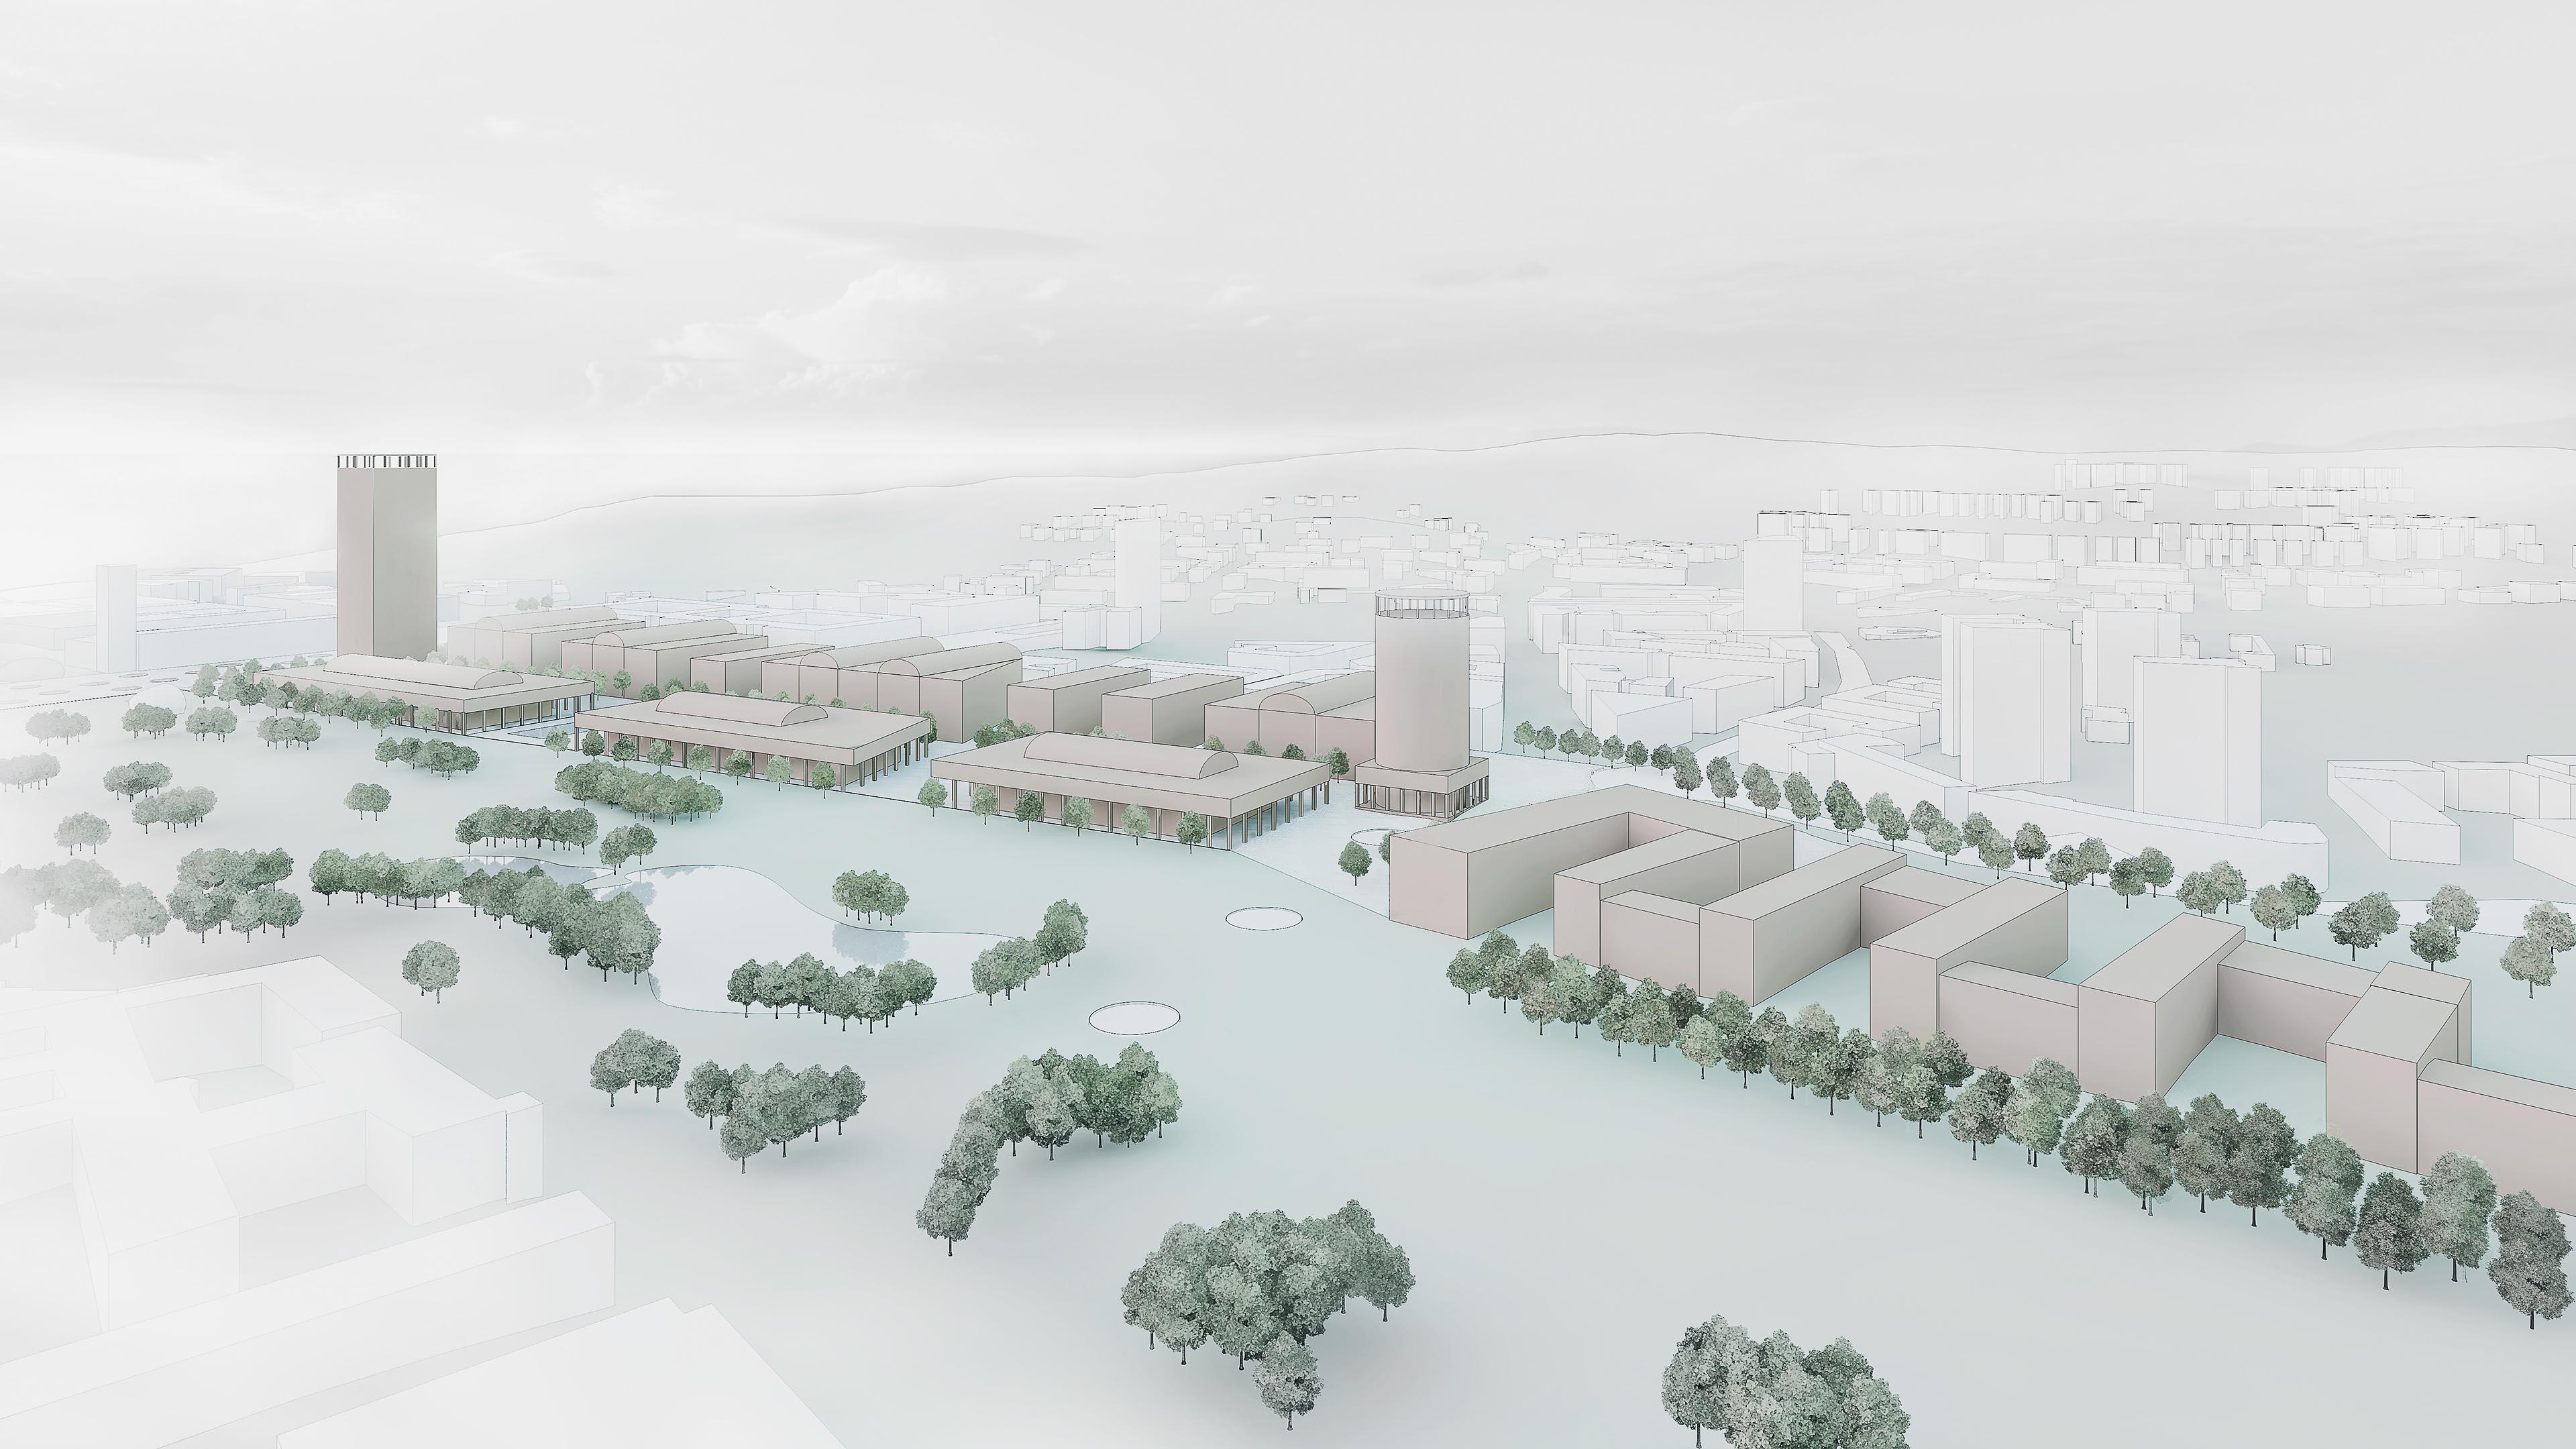 Wettbewerbsvisualisierung Stuttgart 21